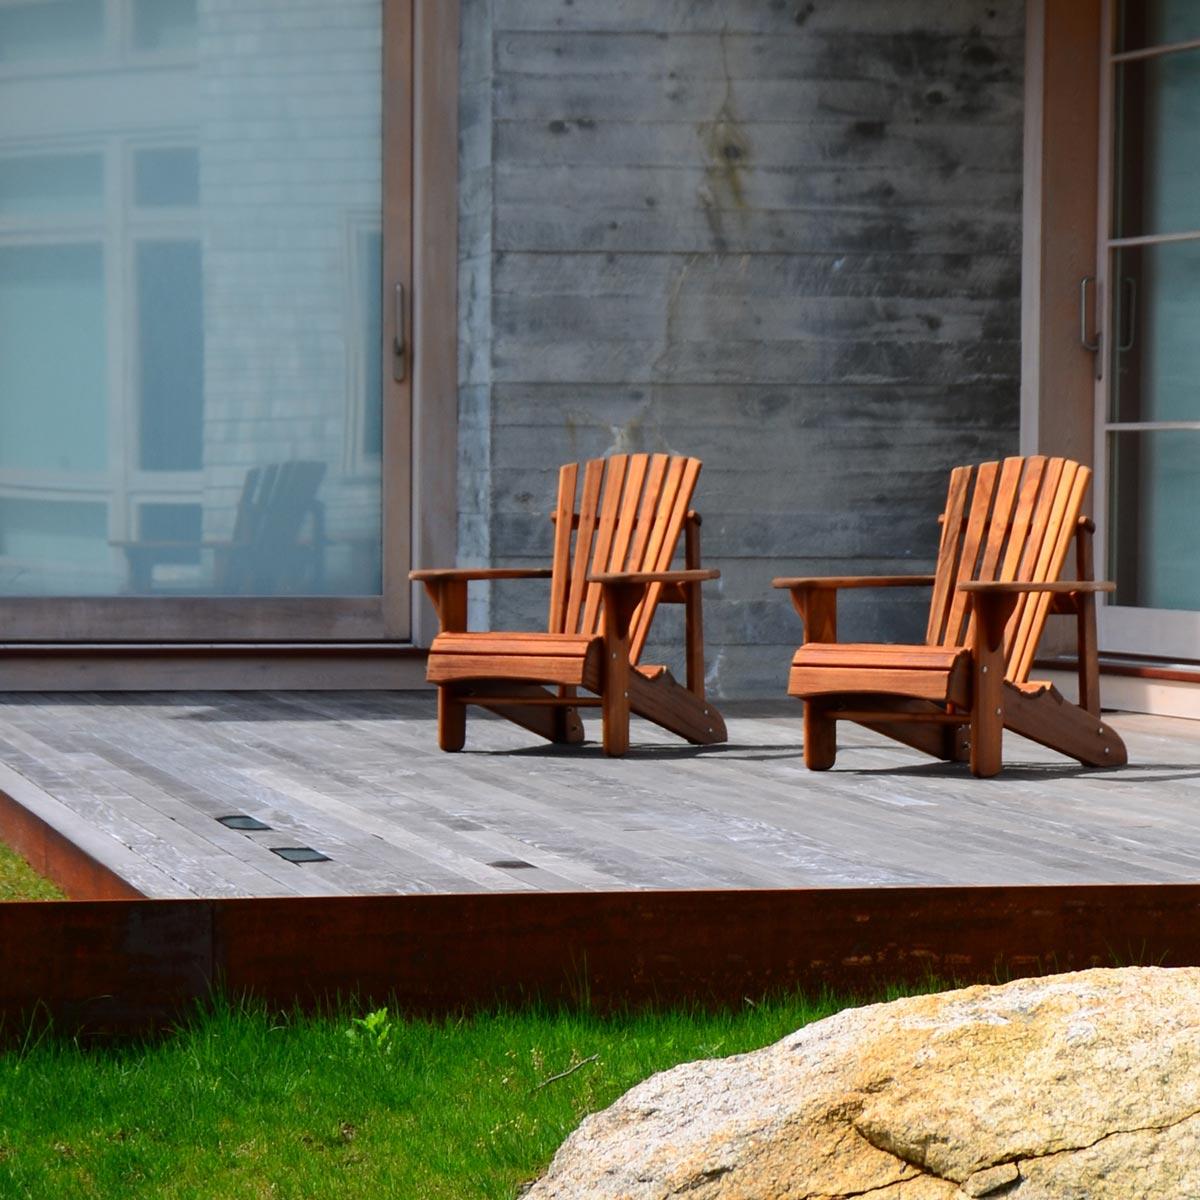 Landscape Architect Deck Design in Falmouth, MA